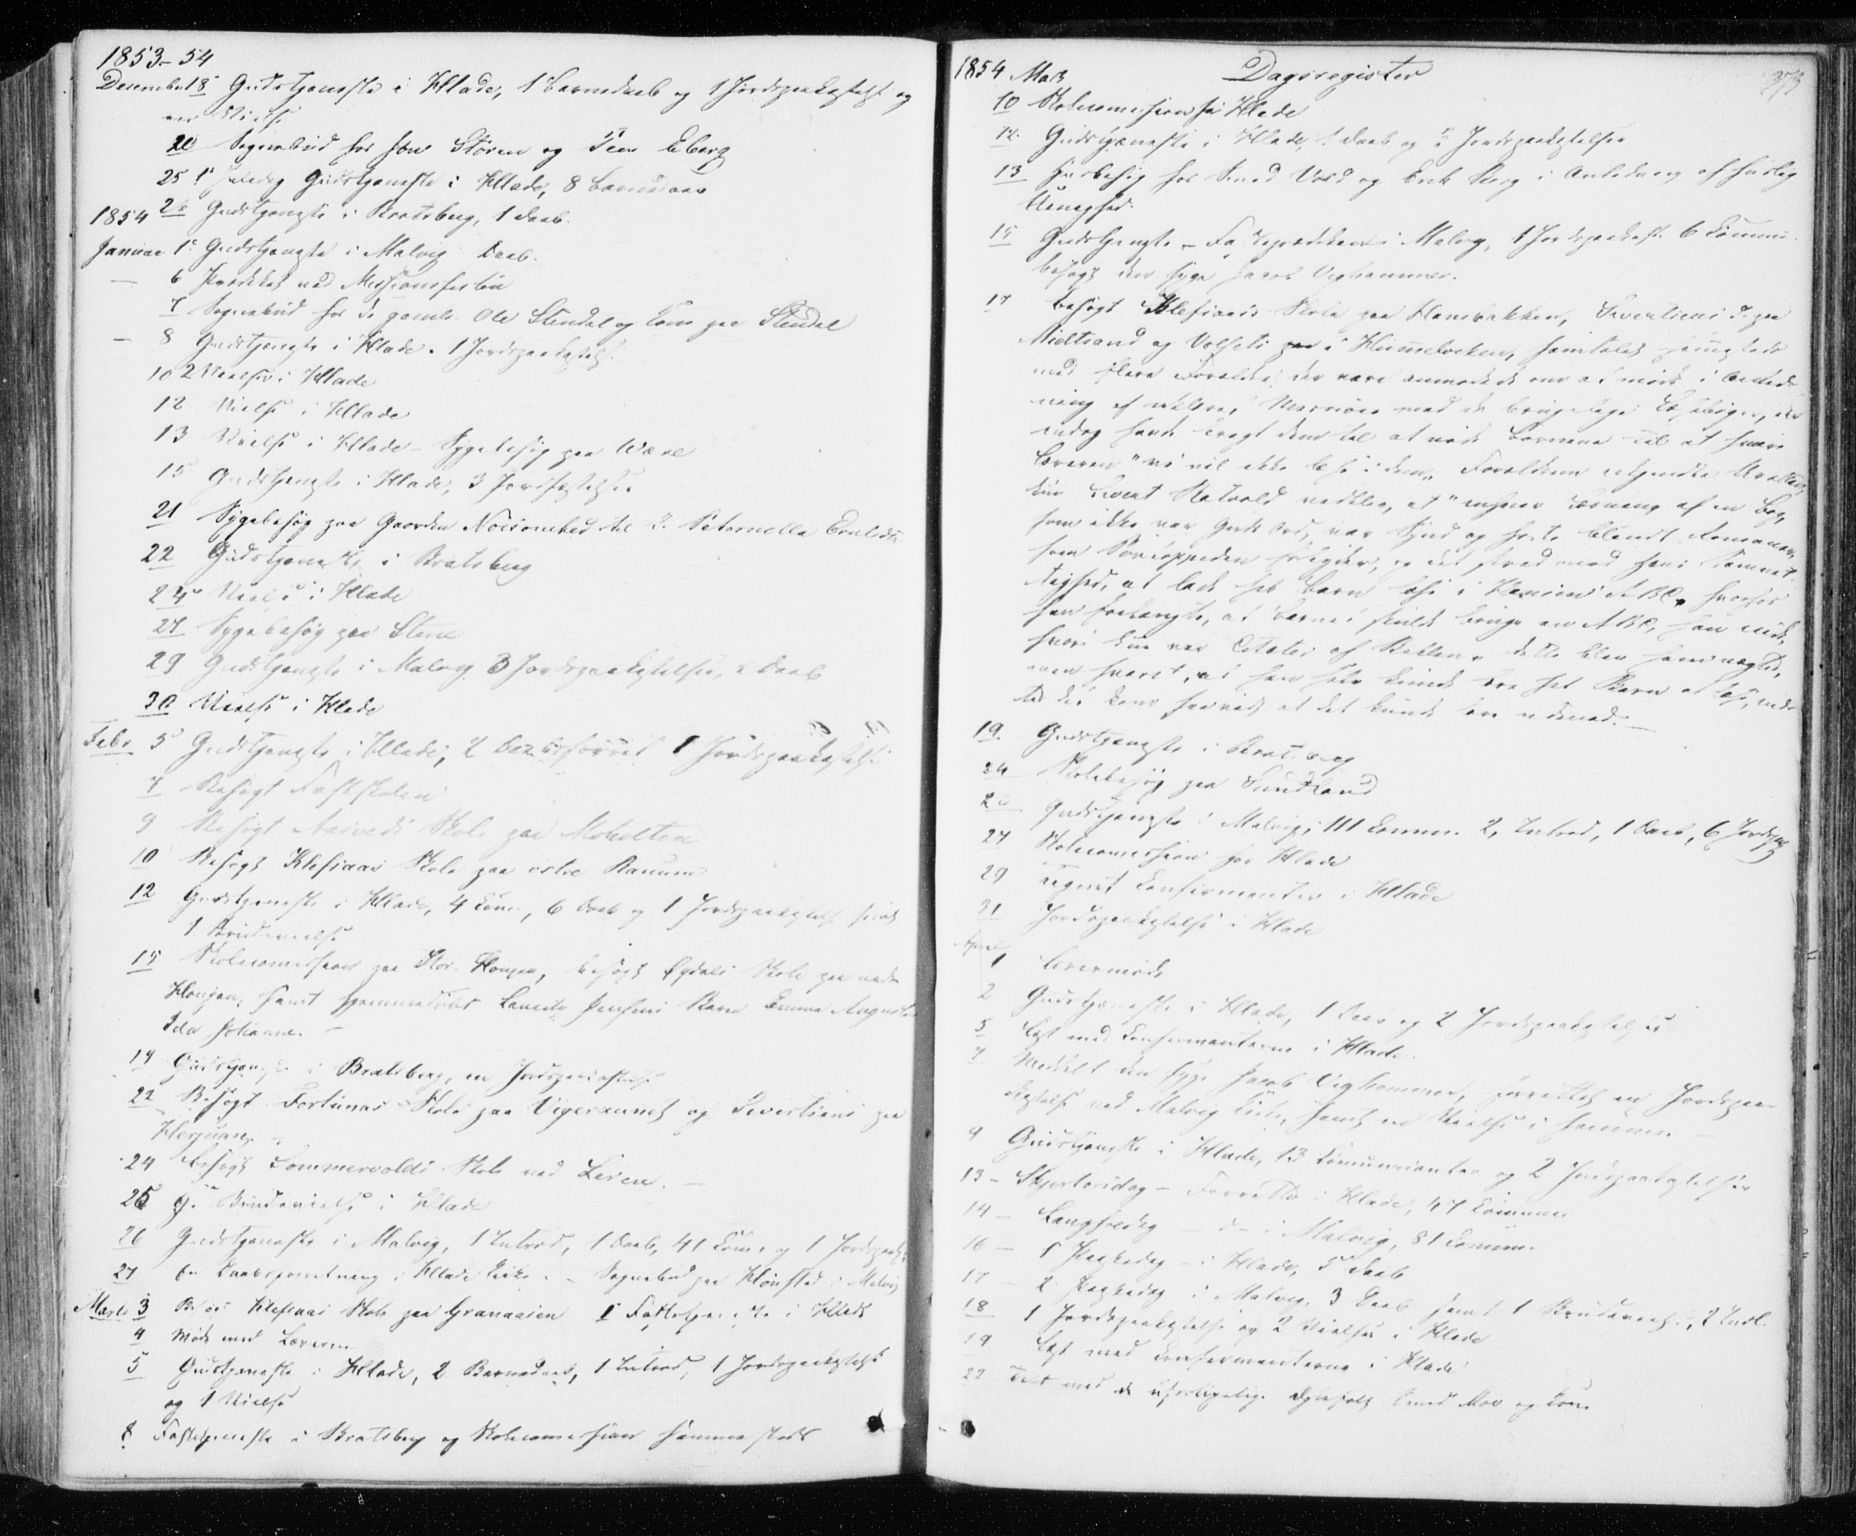 SAT, Ministerialprotokoller, klokkerbøker og fødselsregistre - Sør-Trøndelag, 606/L0291: Ministerialbok nr. 606A06, 1848-1856, s. 373